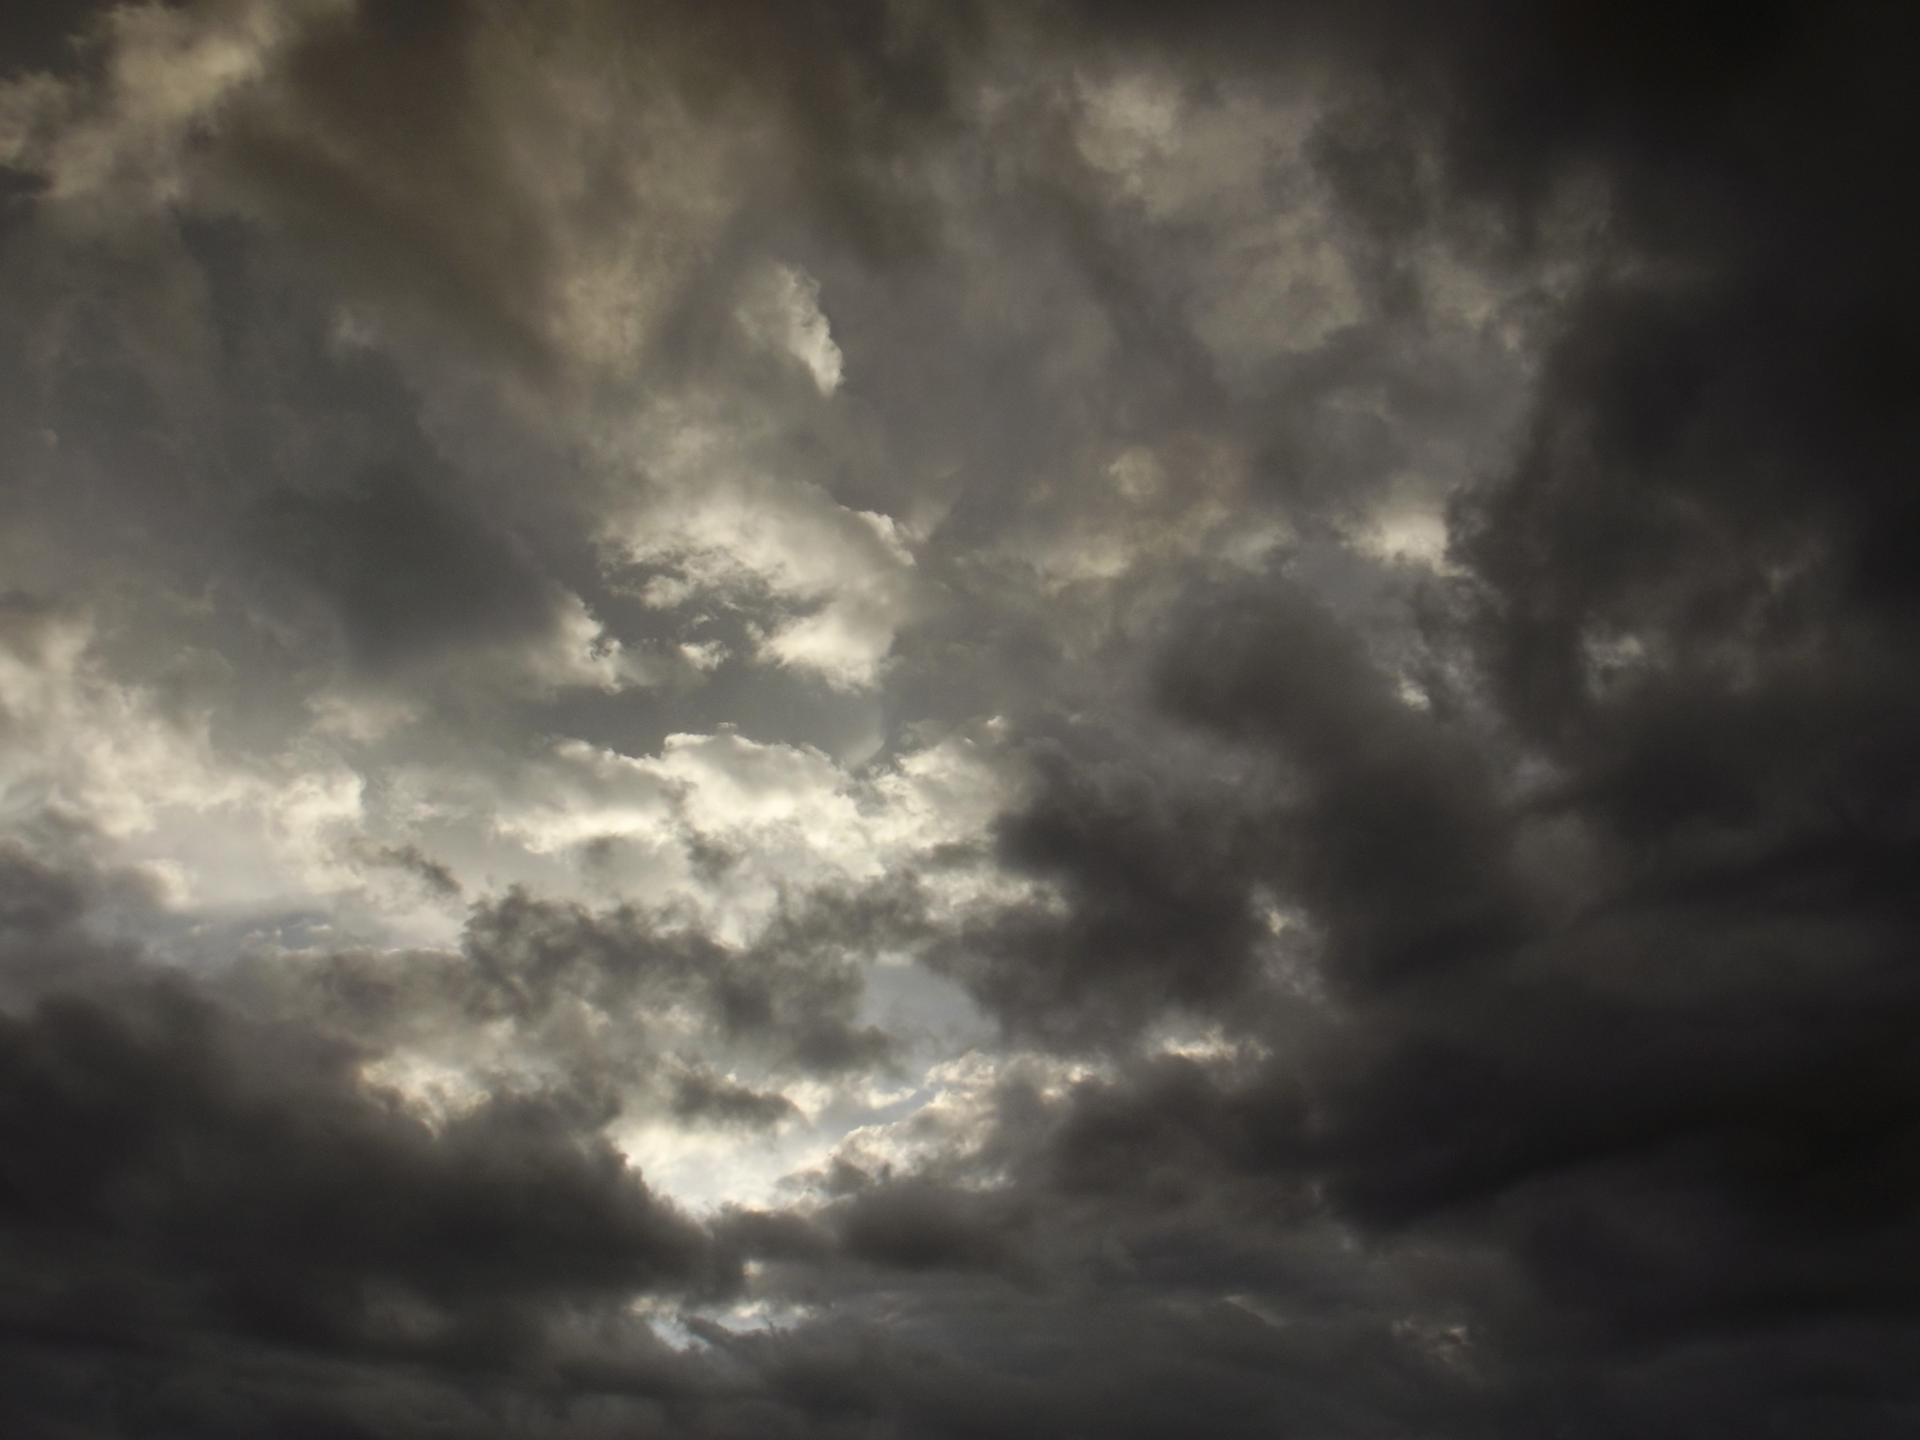 ciel apocalyptique